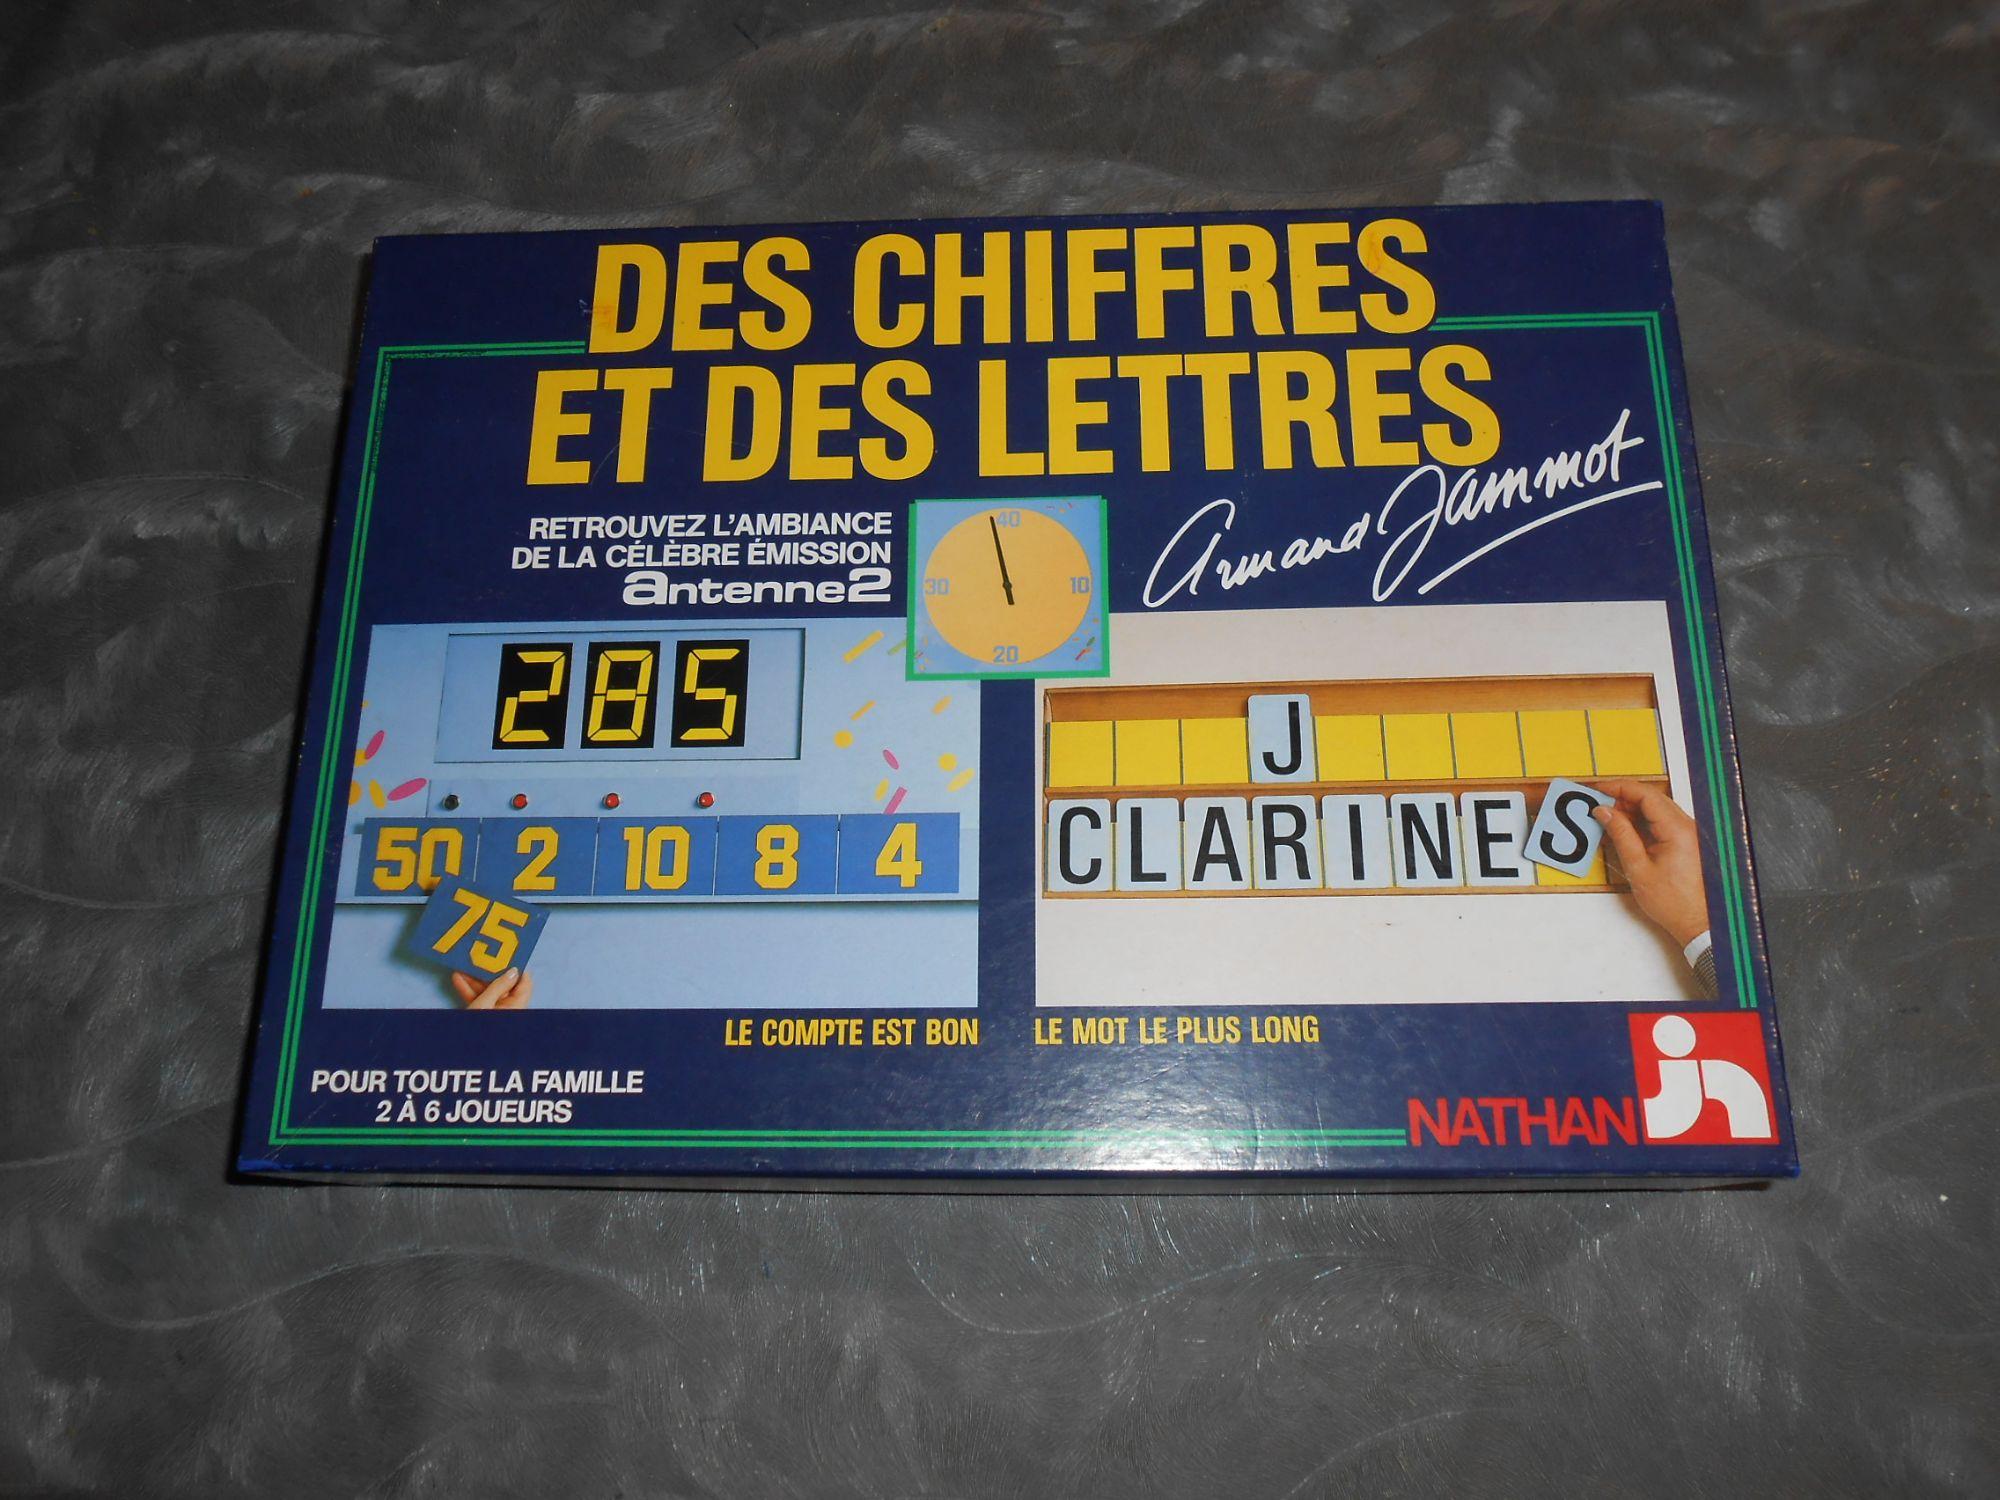 Des chiffres et des lettres - Nathan 1987